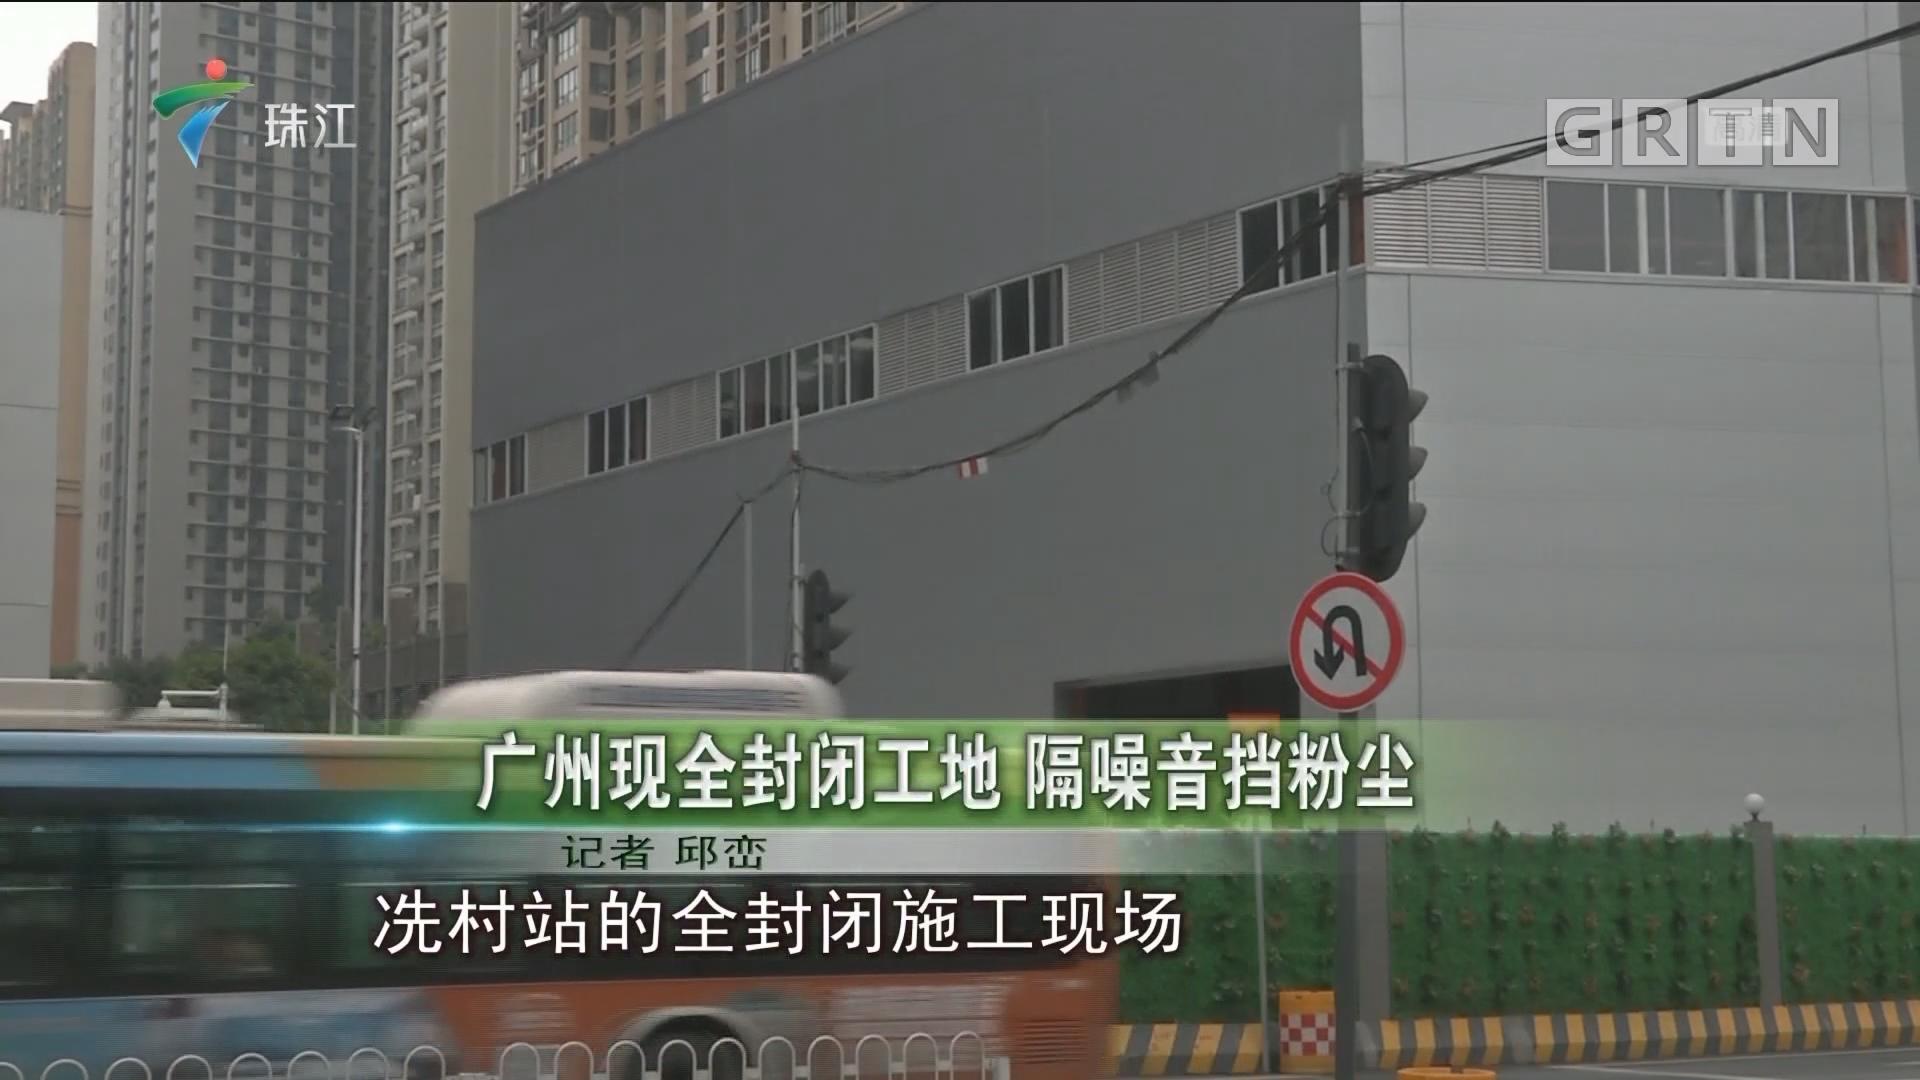 广州现全封闭工地 隔噪音挡粉尘